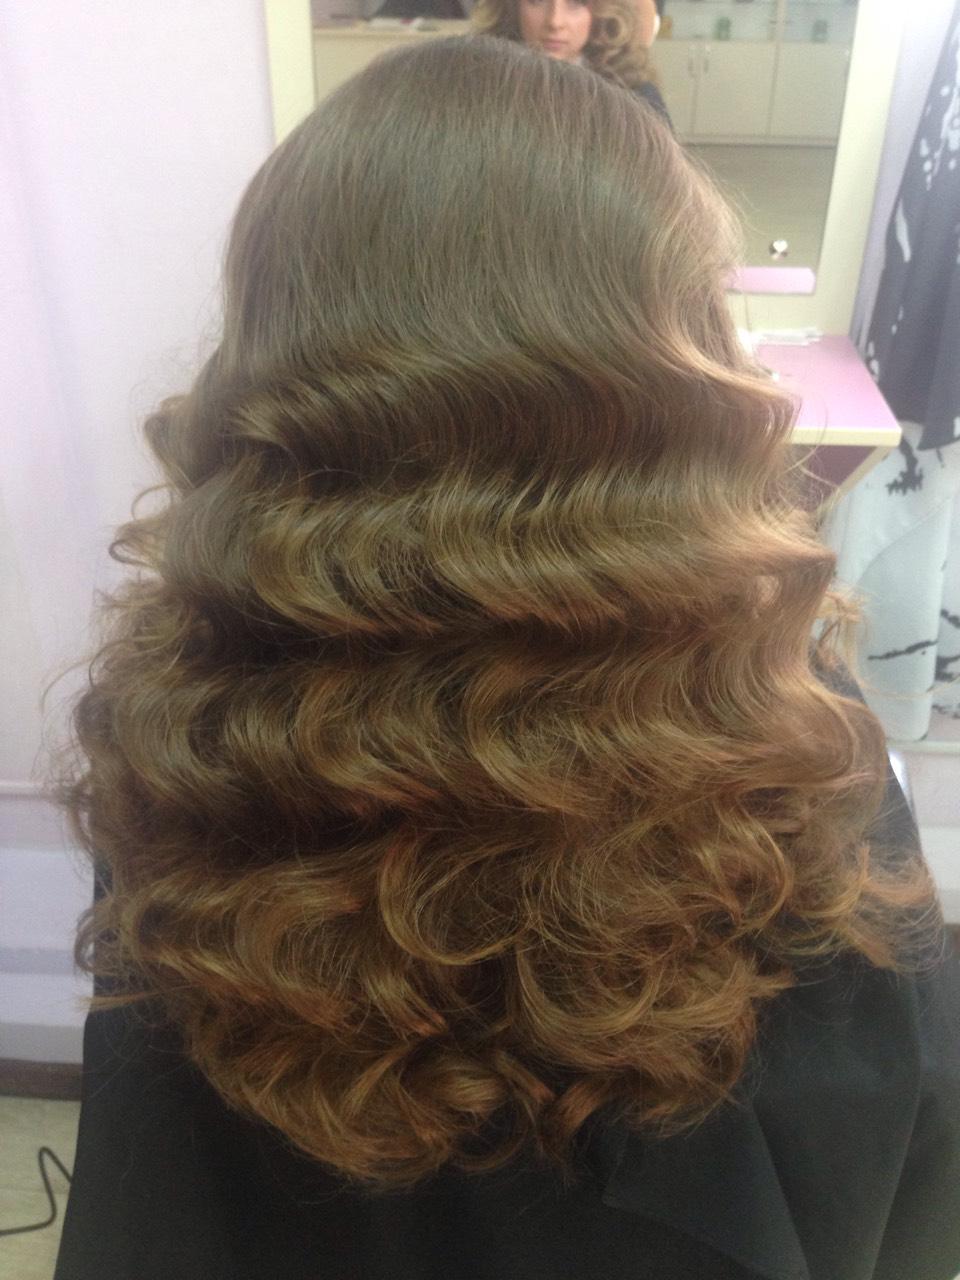 Прическа + макияж, различные виды окрашивание, плетение кос, восстановление волос от 15 руб.